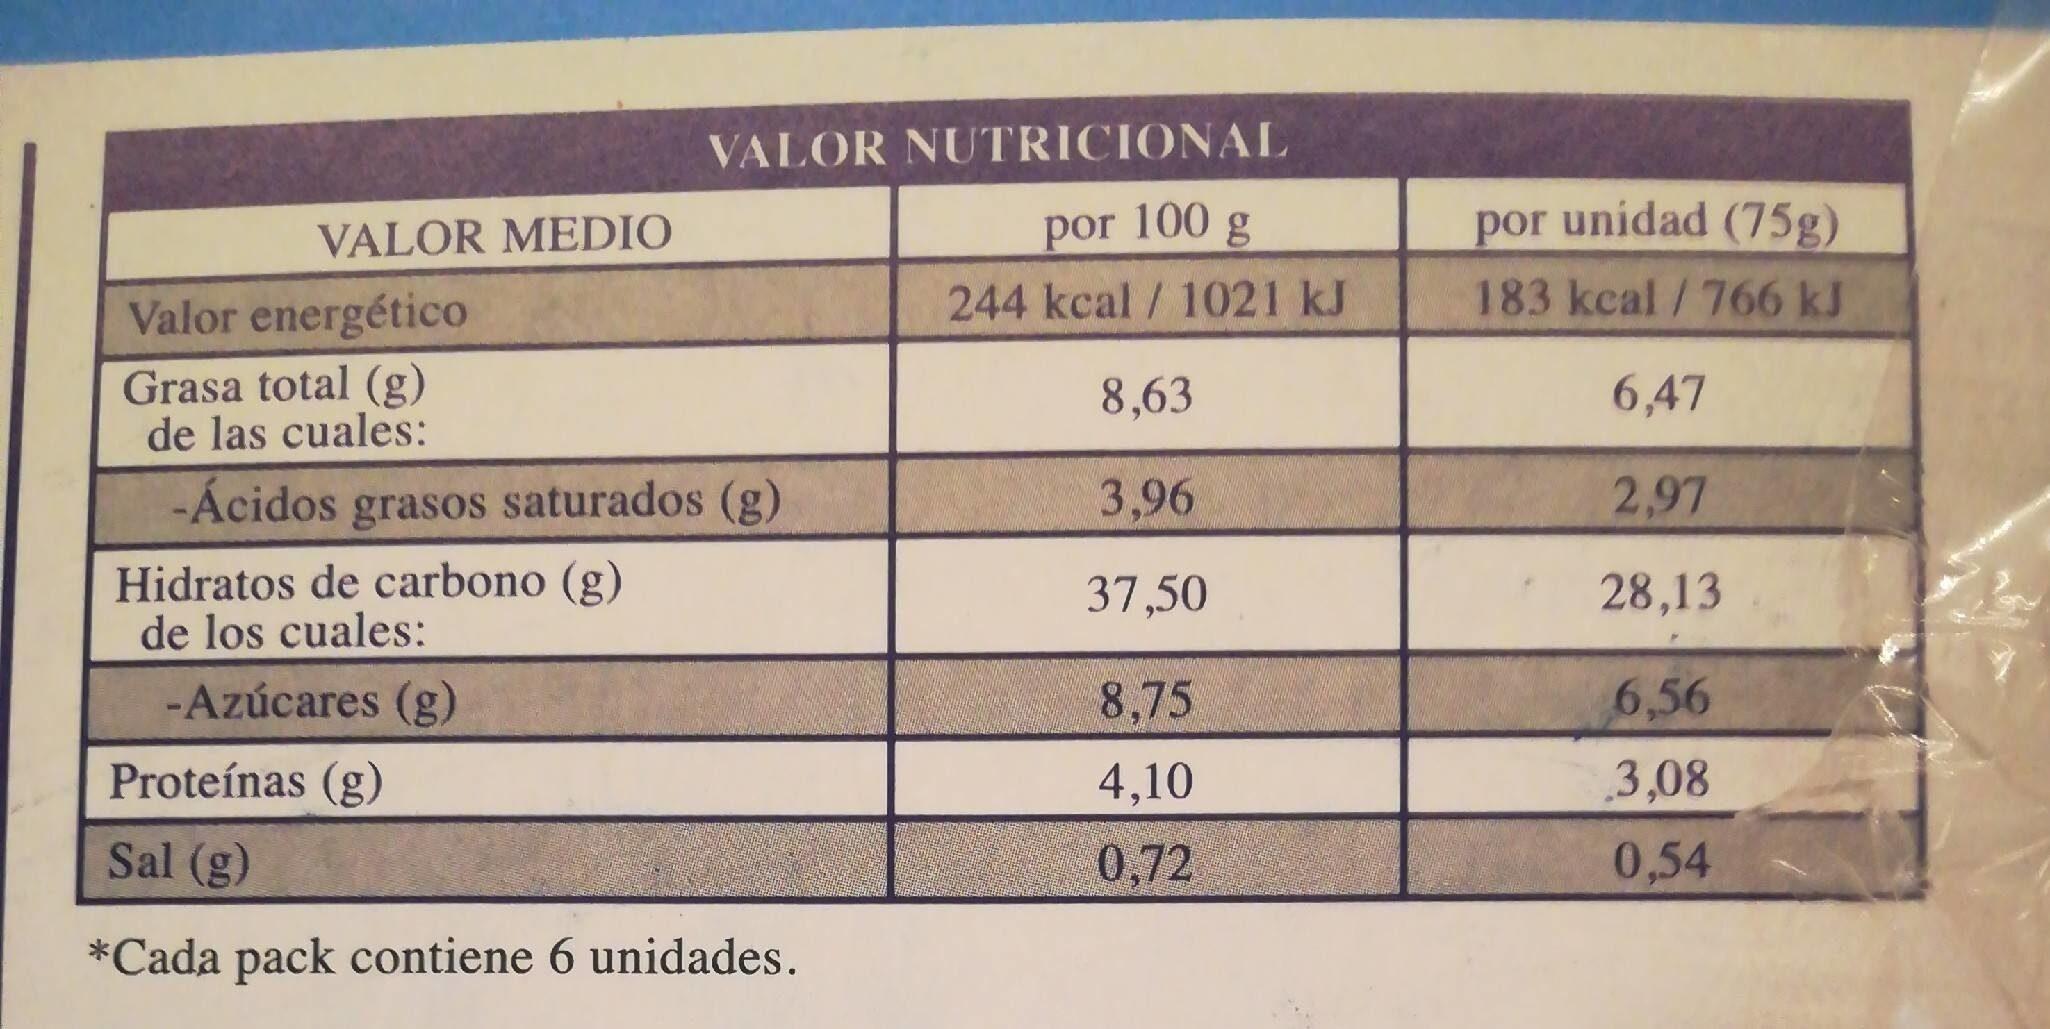 Tortas 6 unidades envase 740 g - Información nutricional